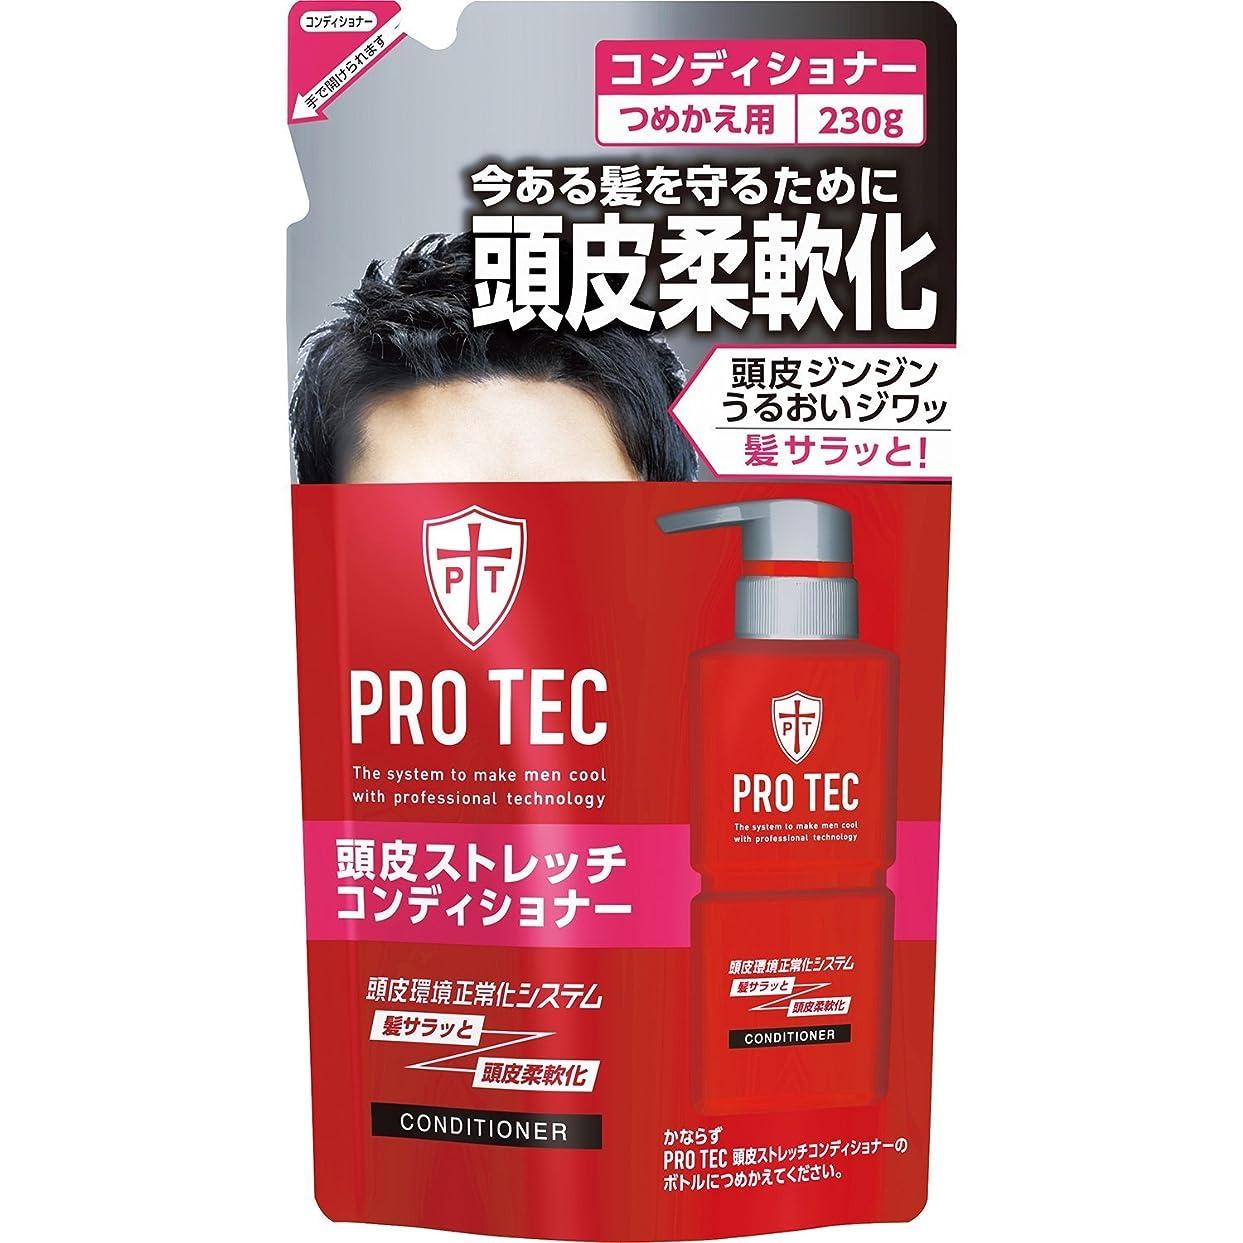 発掘する無限拾うPRO TEC(プロテク) 頭皮ストレッチコンディショナー つめかえ用 230g ×10個セット